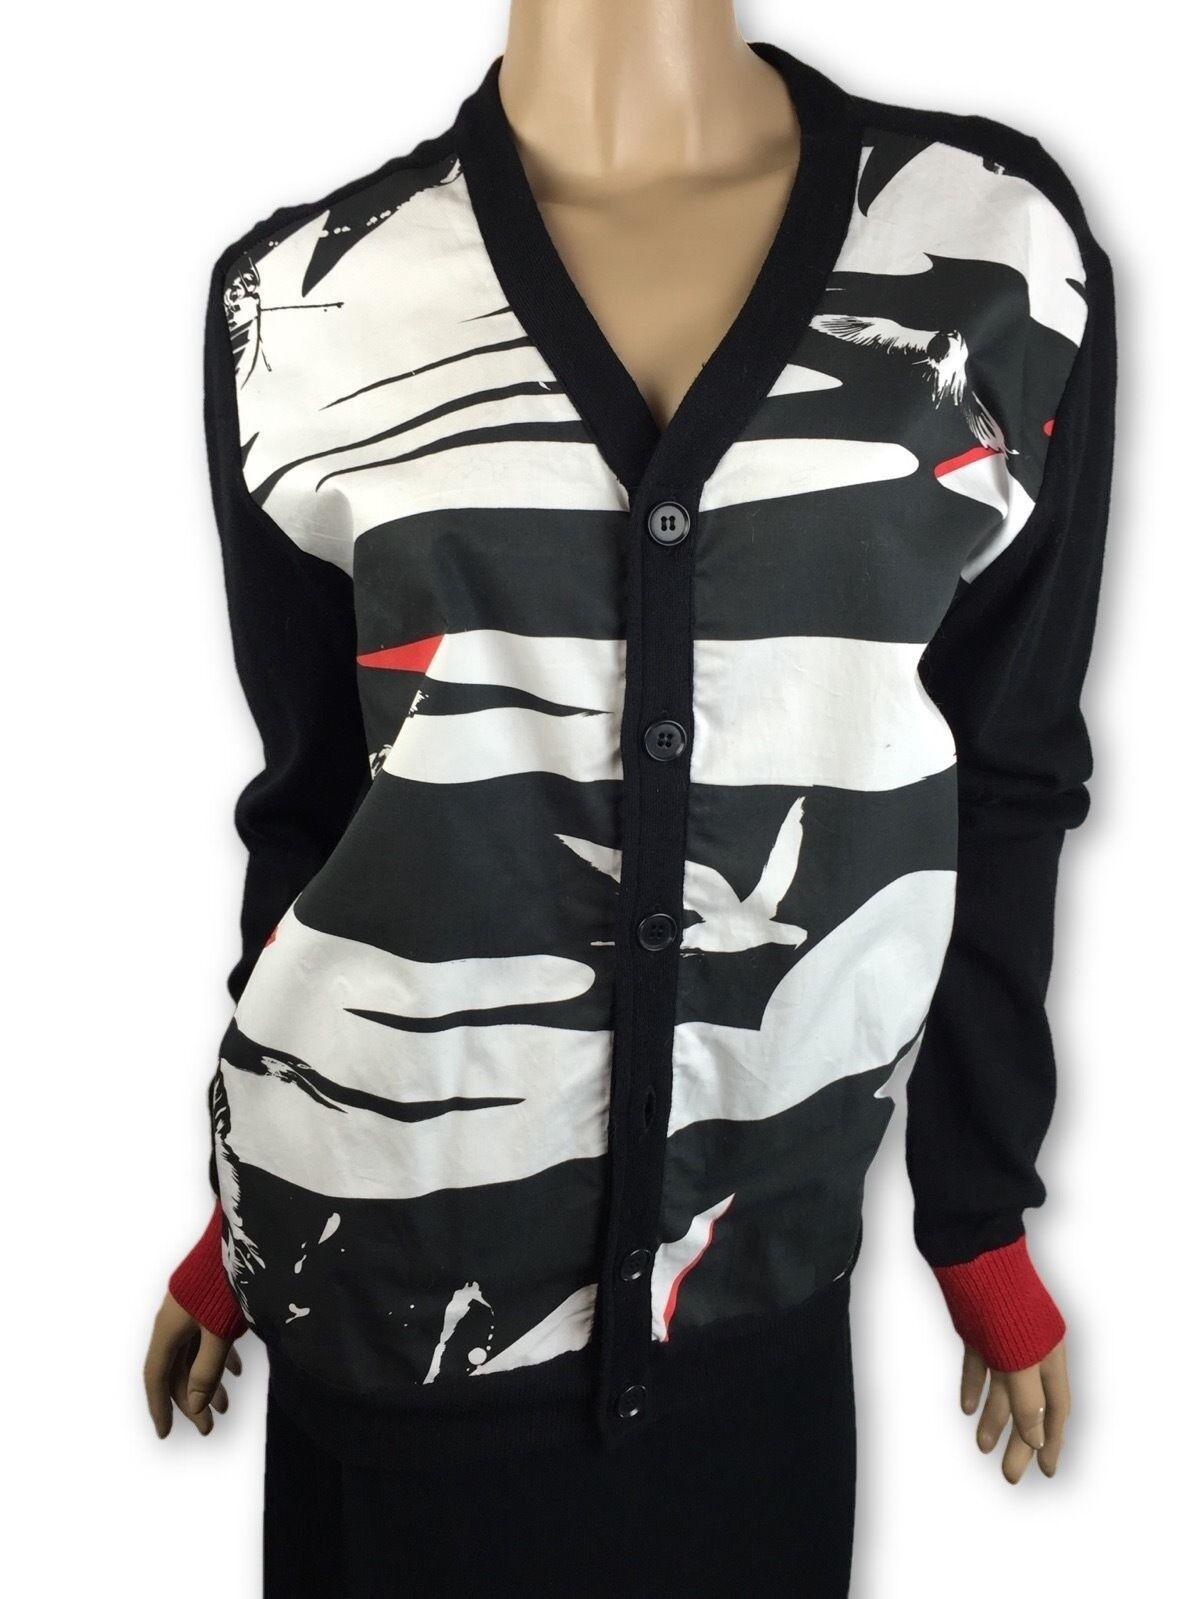 Yoshio Kubo Cardigan Top Jacket schwarz & Weiß Cotton Blend Button Front